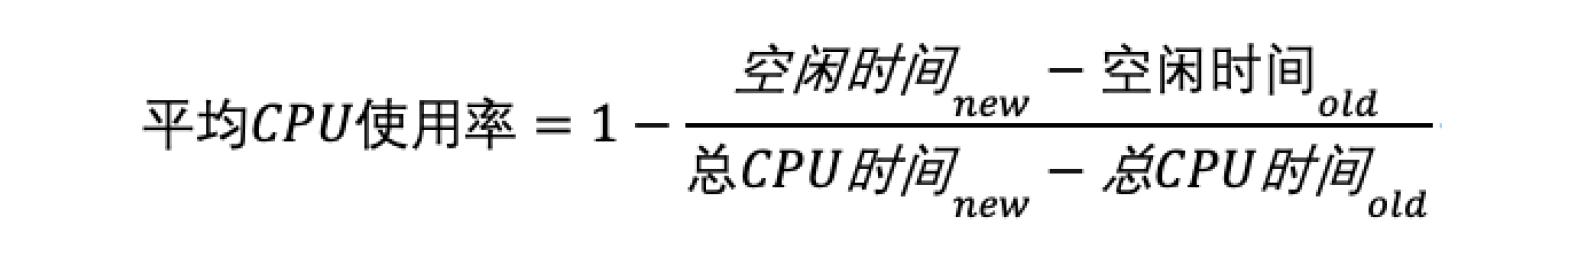 性能工具中CPU使用率计算